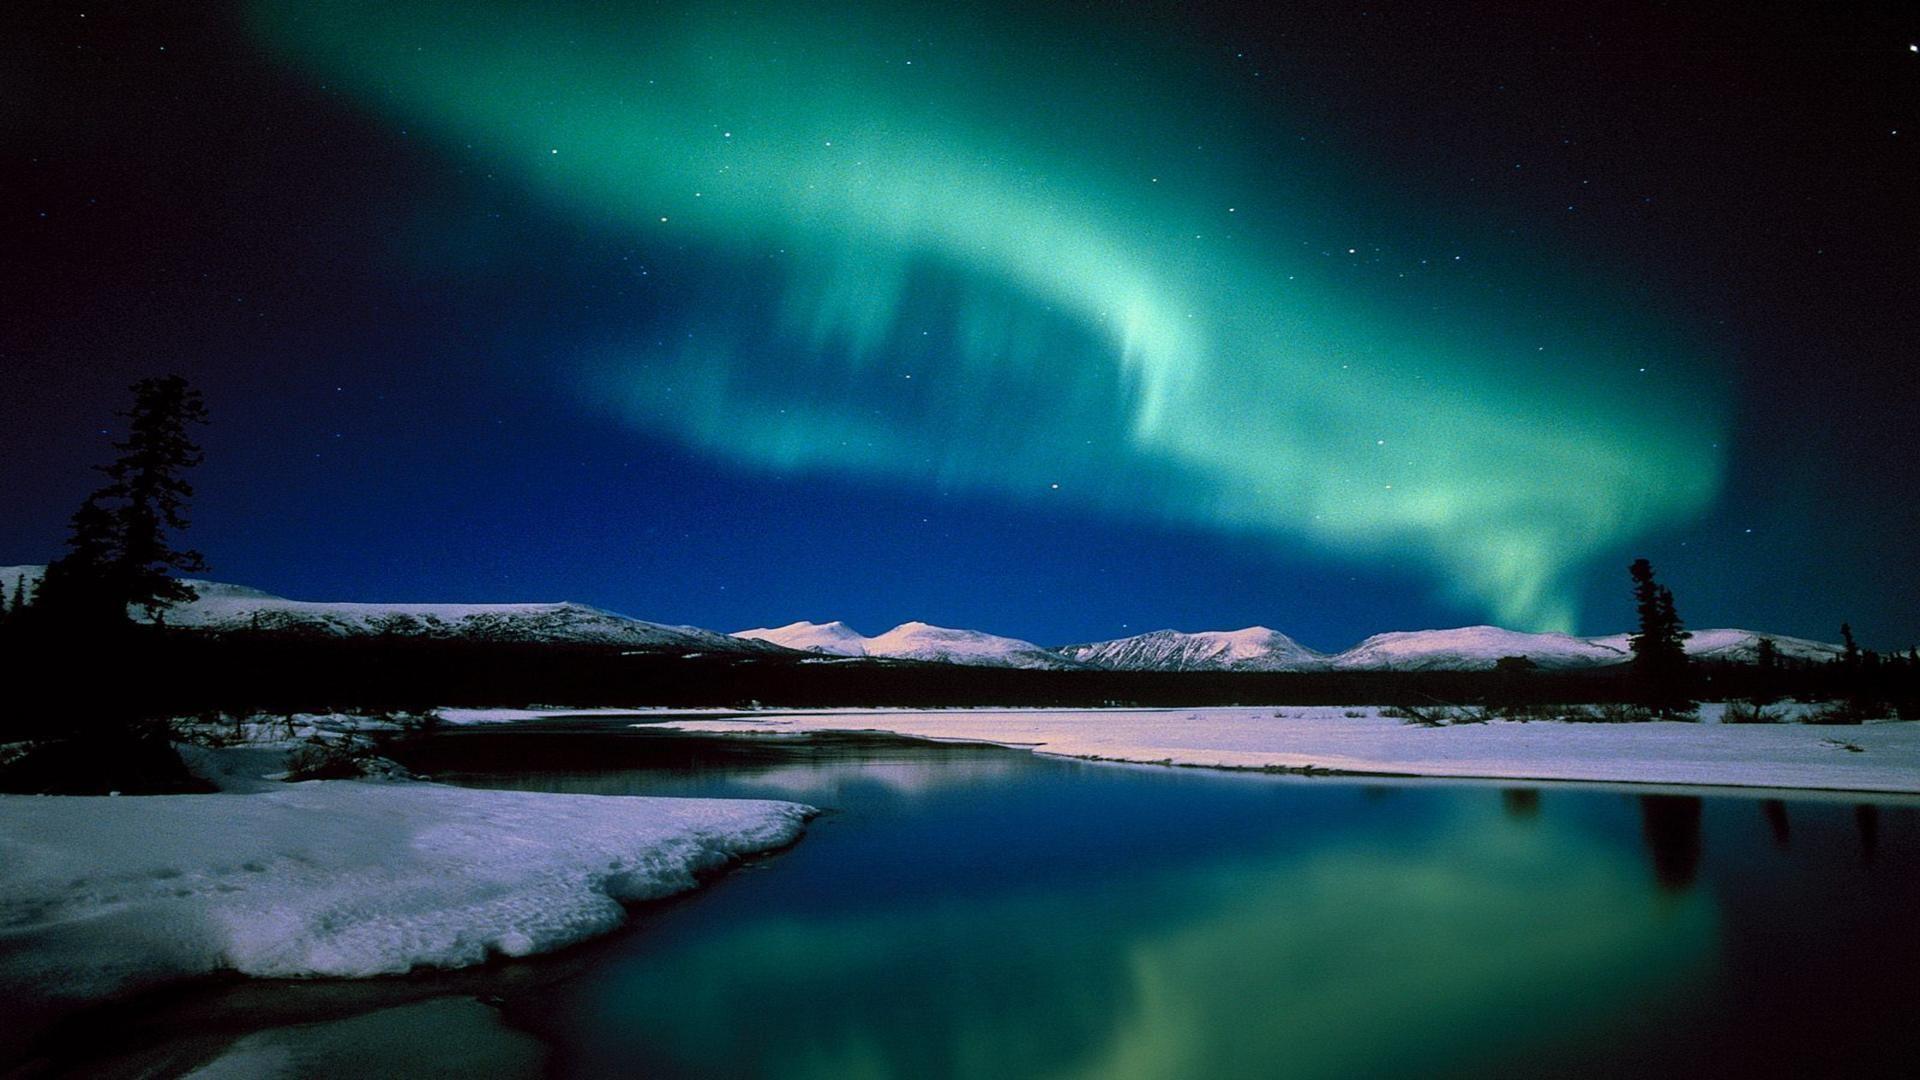 Aurora Borealis Wallpaper Full HD Desktop